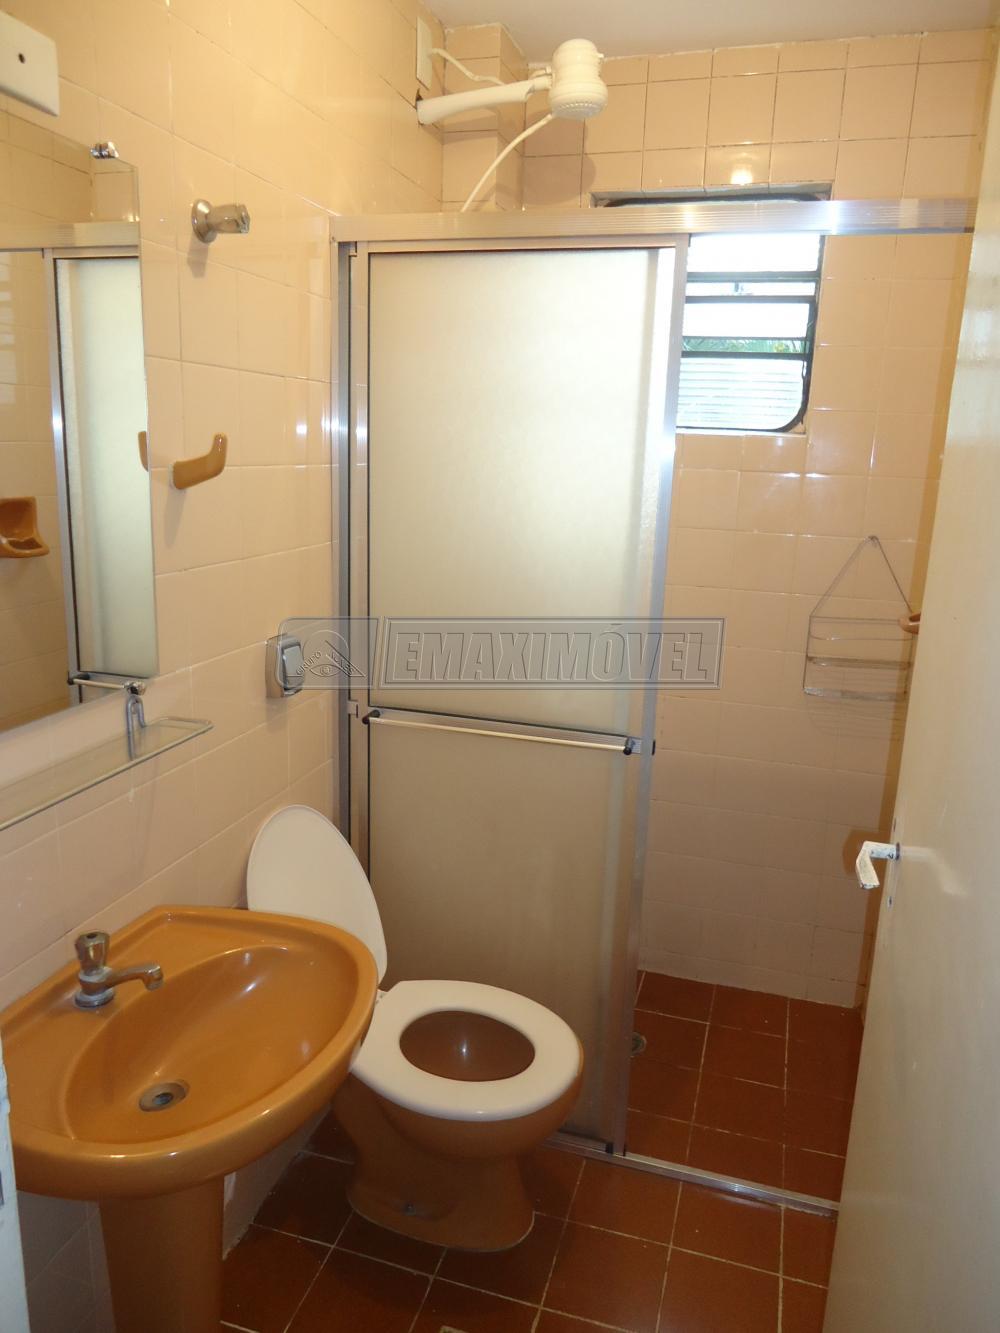 Alugar Apartamentos / Apto Padrão em Sorocaba apenas R$ 690,00 - Foto 7